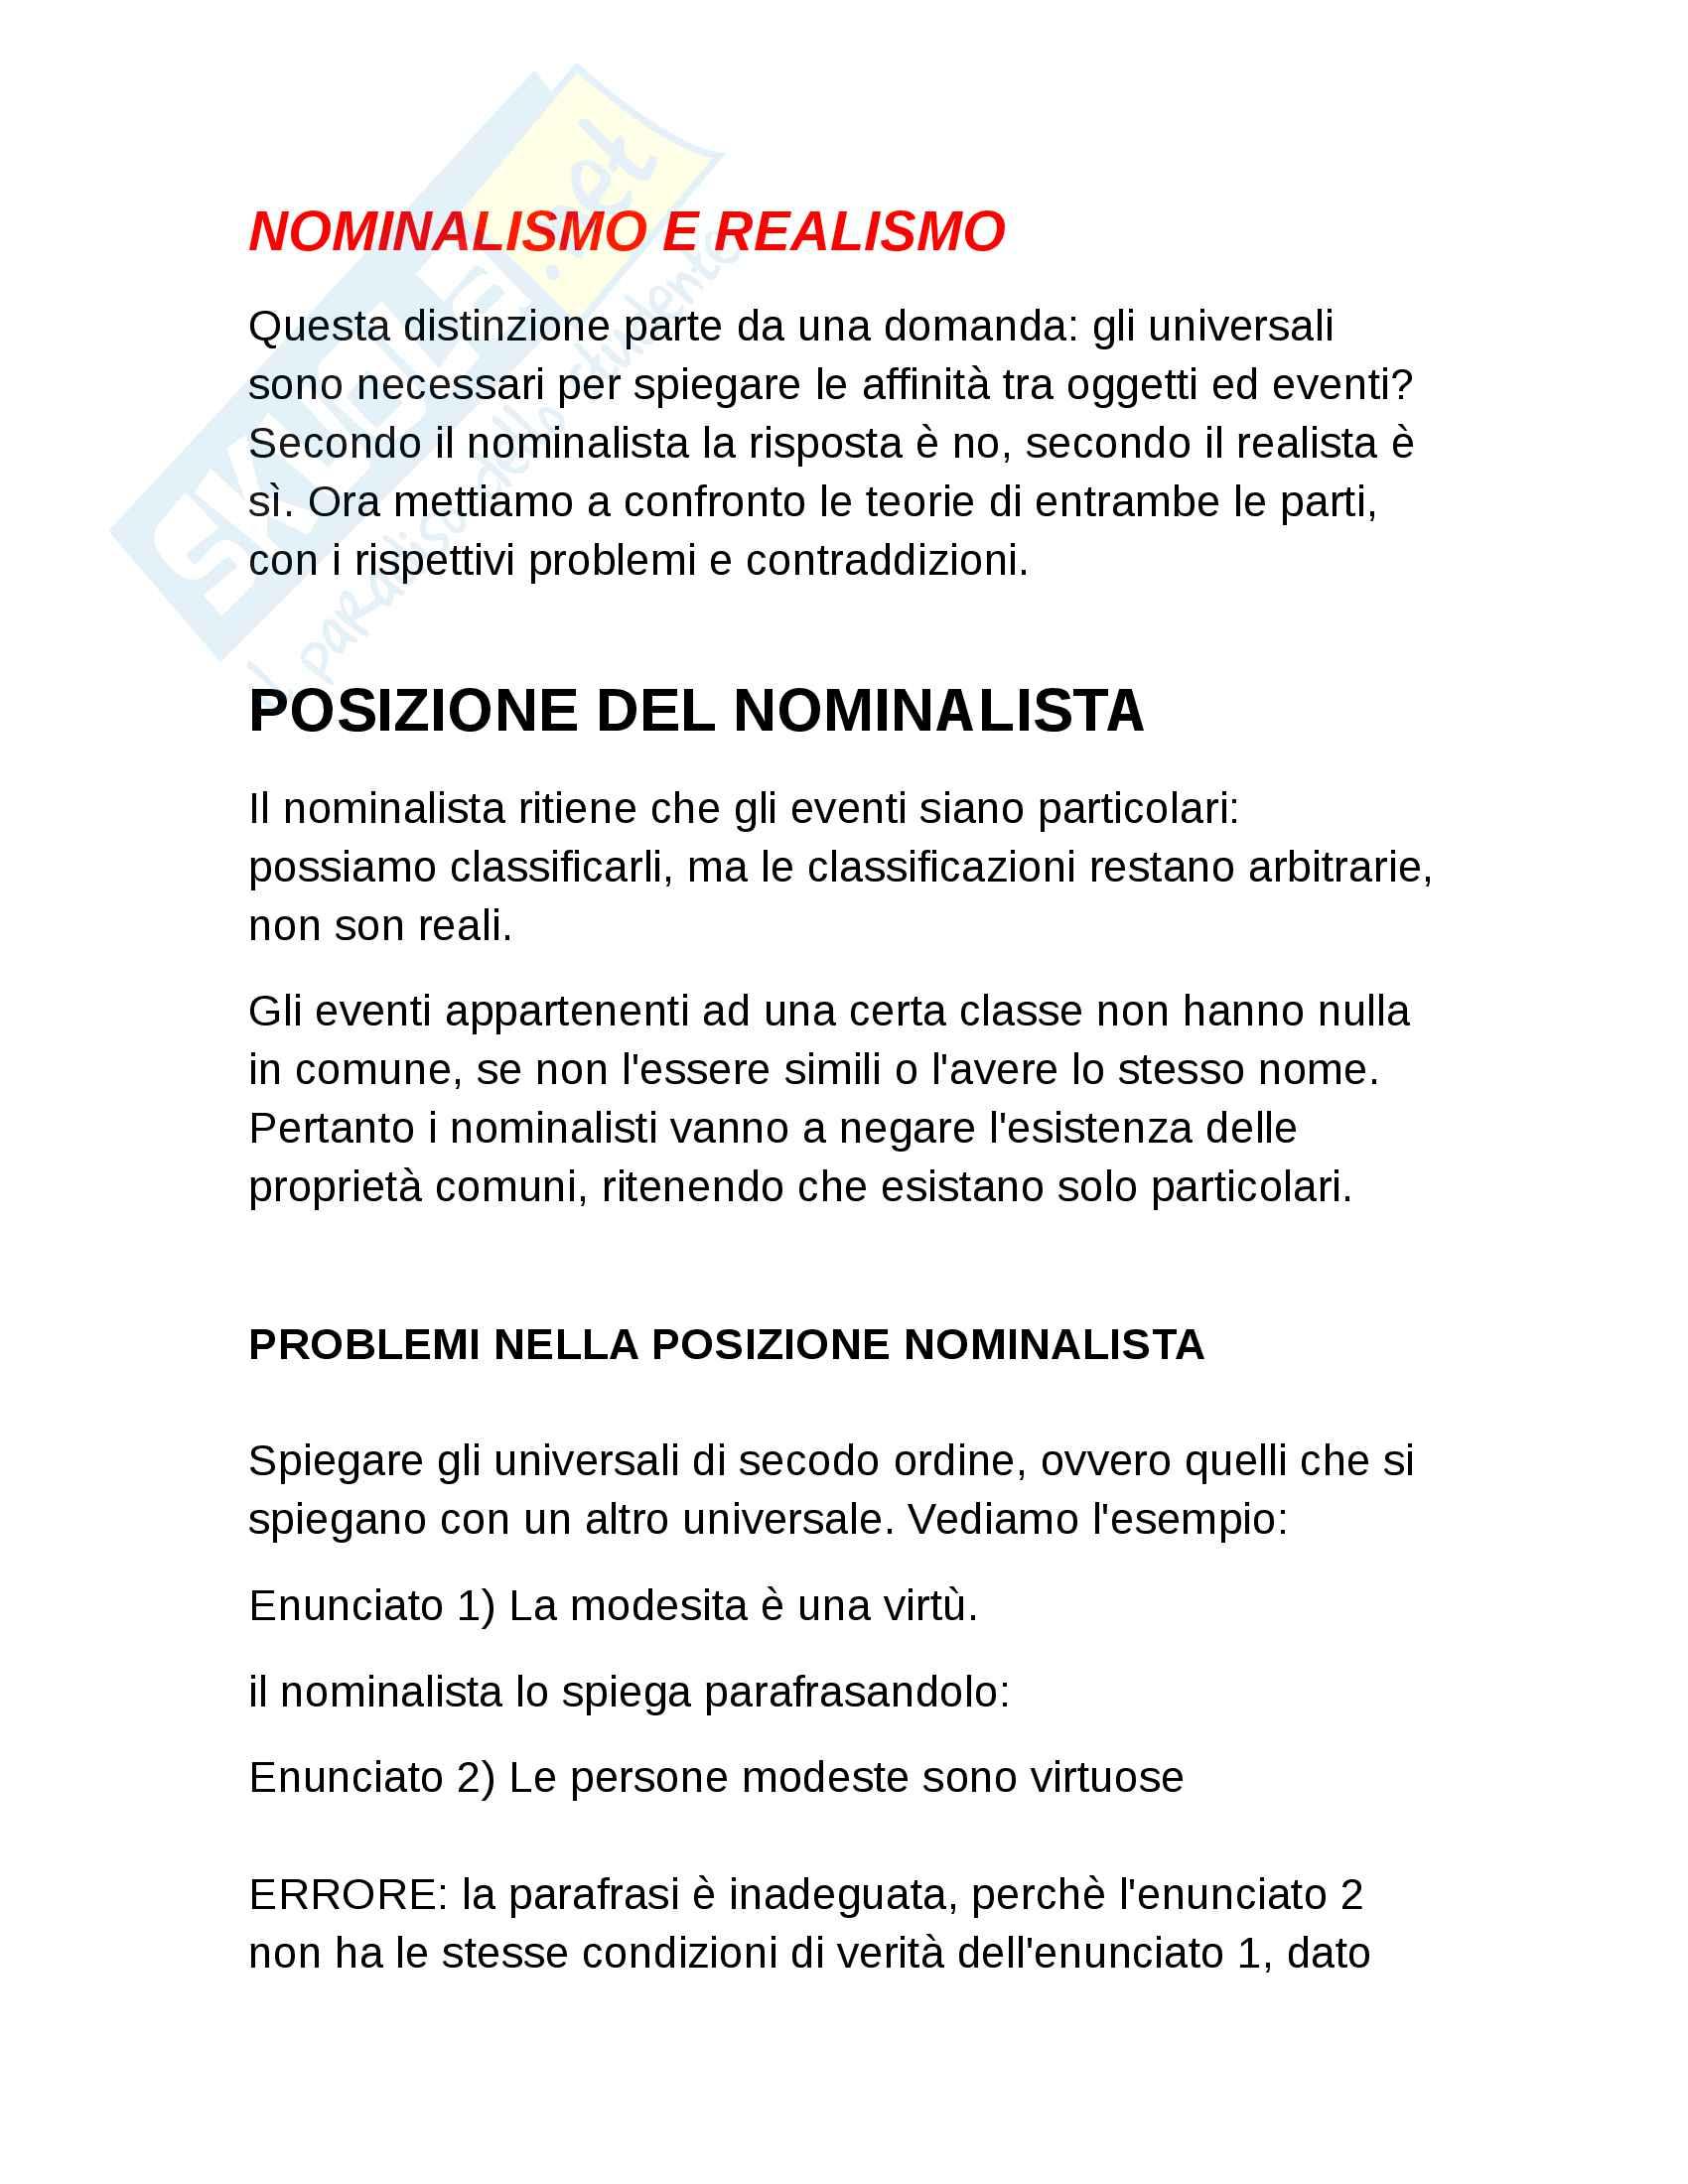 Nominalismo e realismo